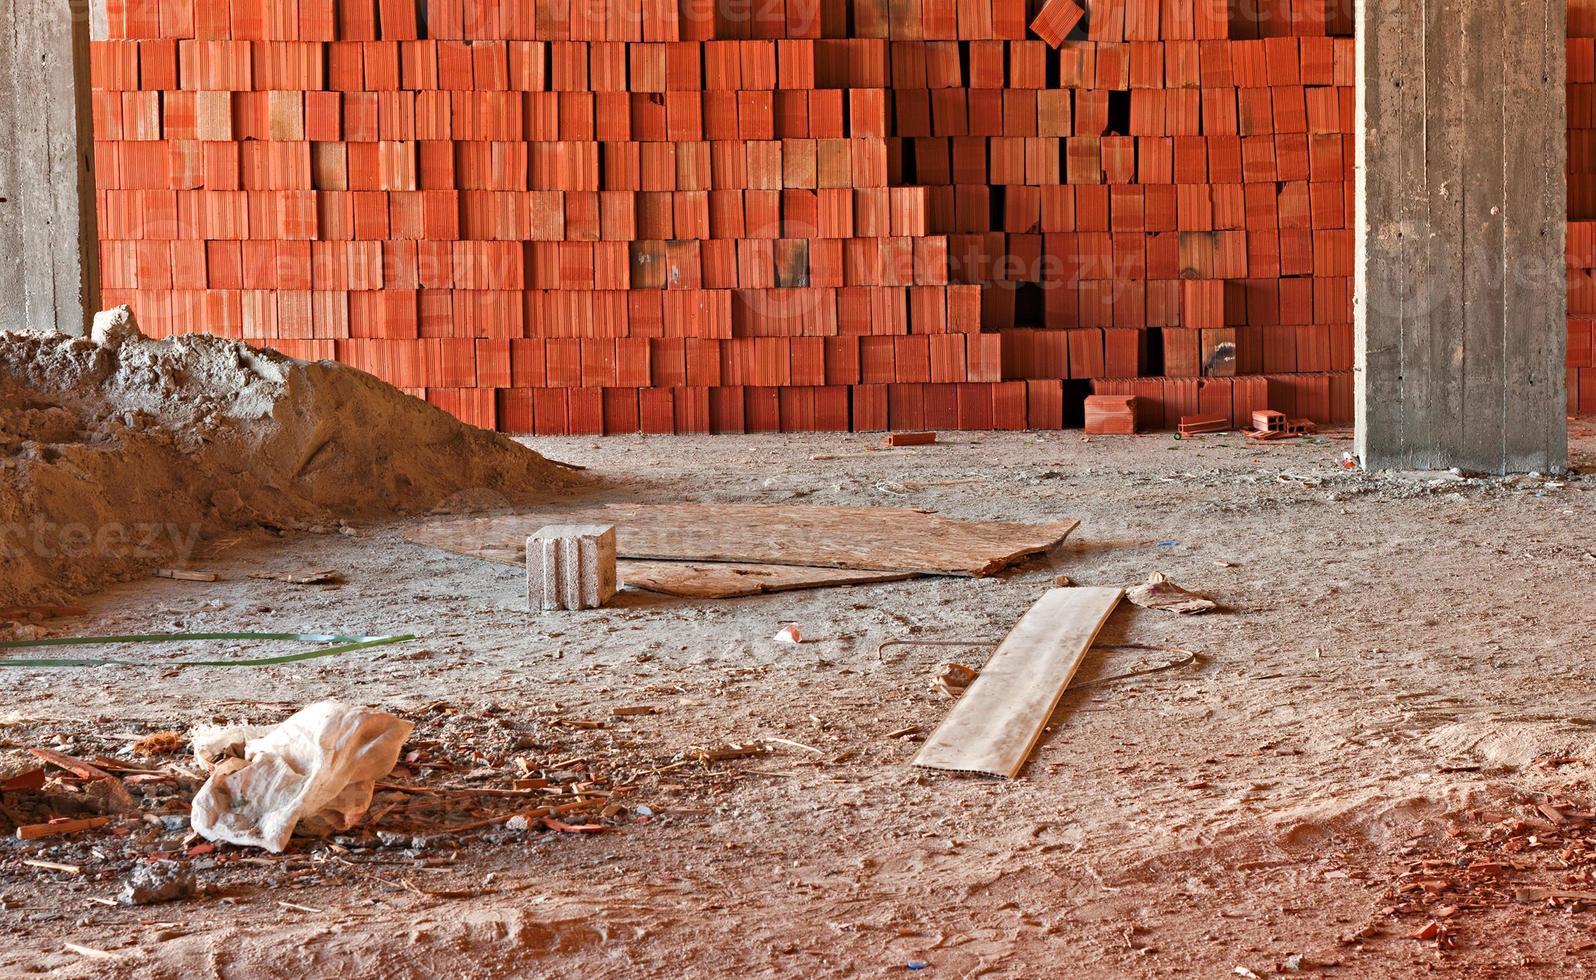 pila de bloques de construcción rojos dentro del sitio de construcción foto